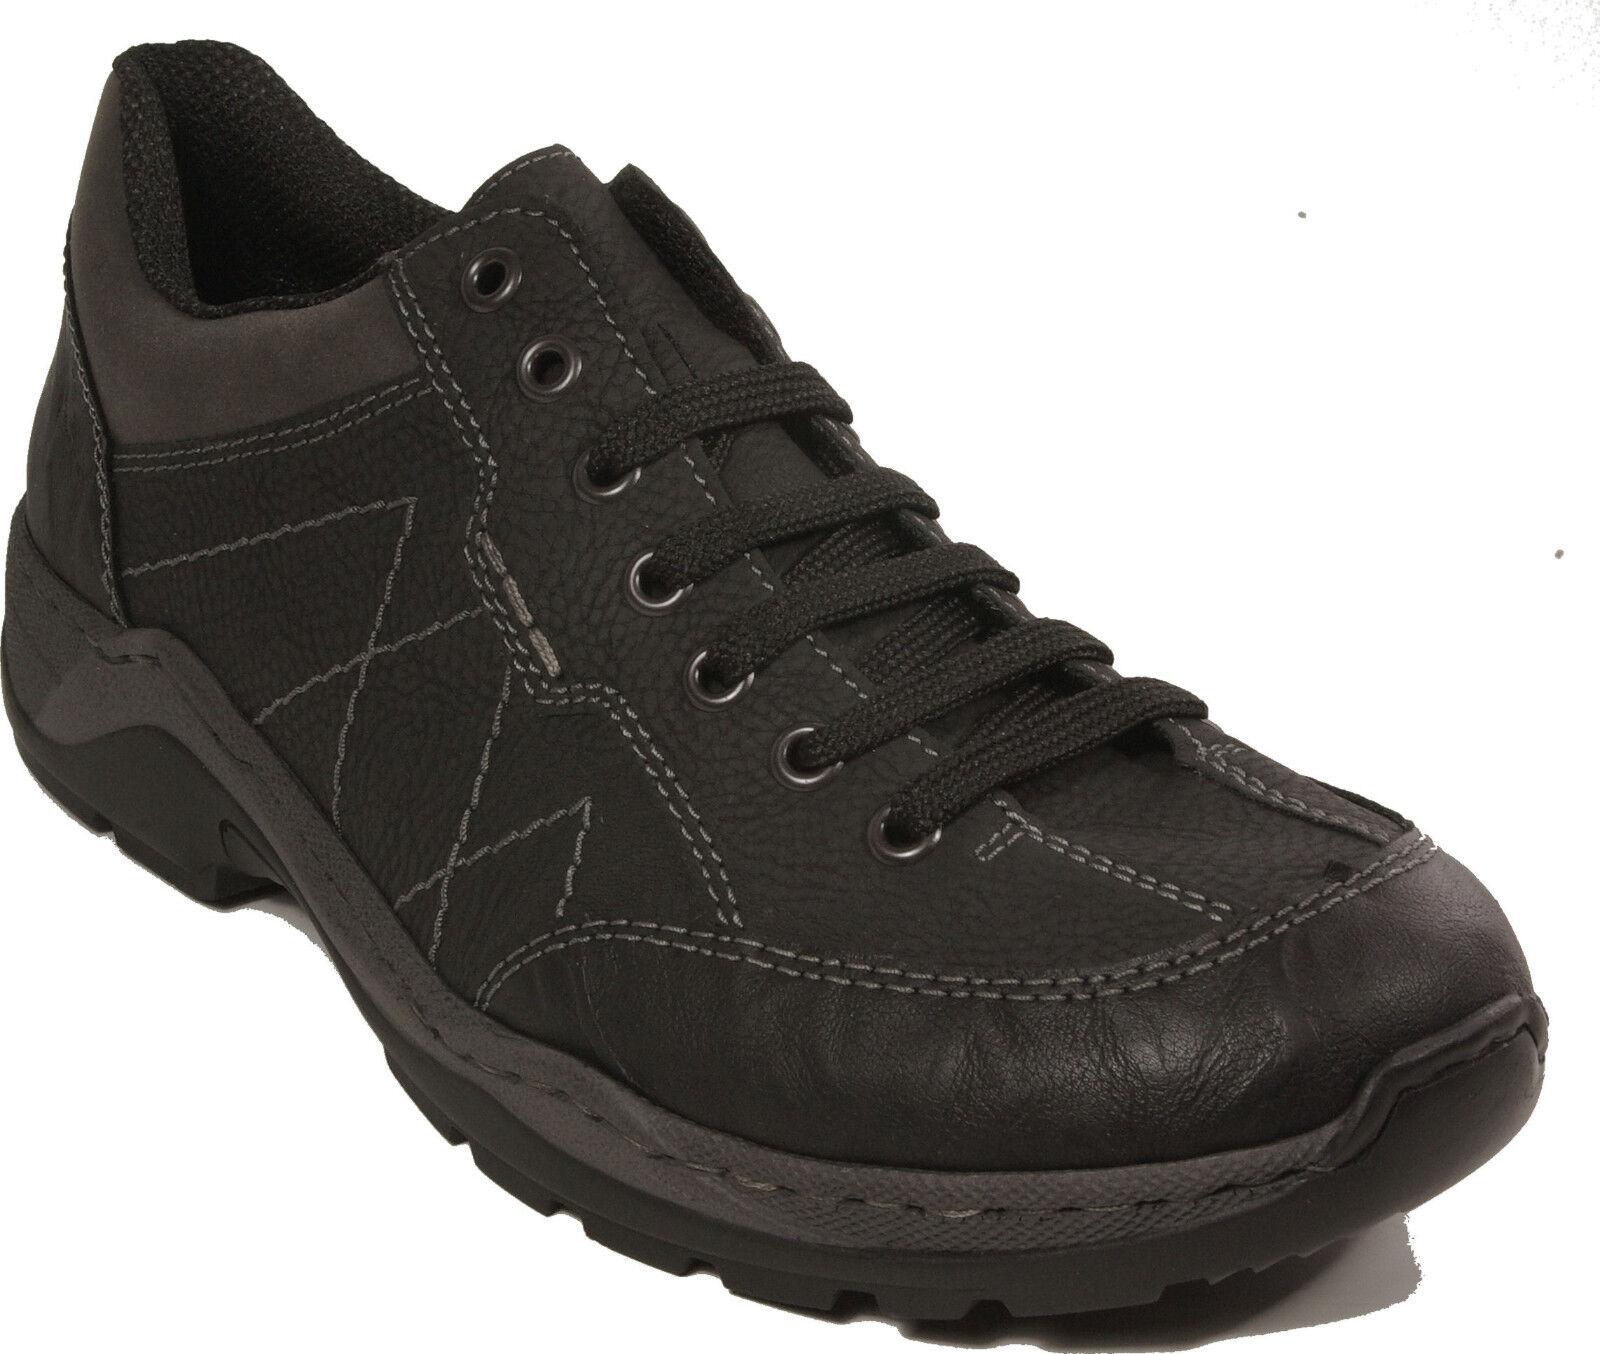 RIEKER Schuhe Halbschuhe schwarz echt Leder Schnürschuhe NEU